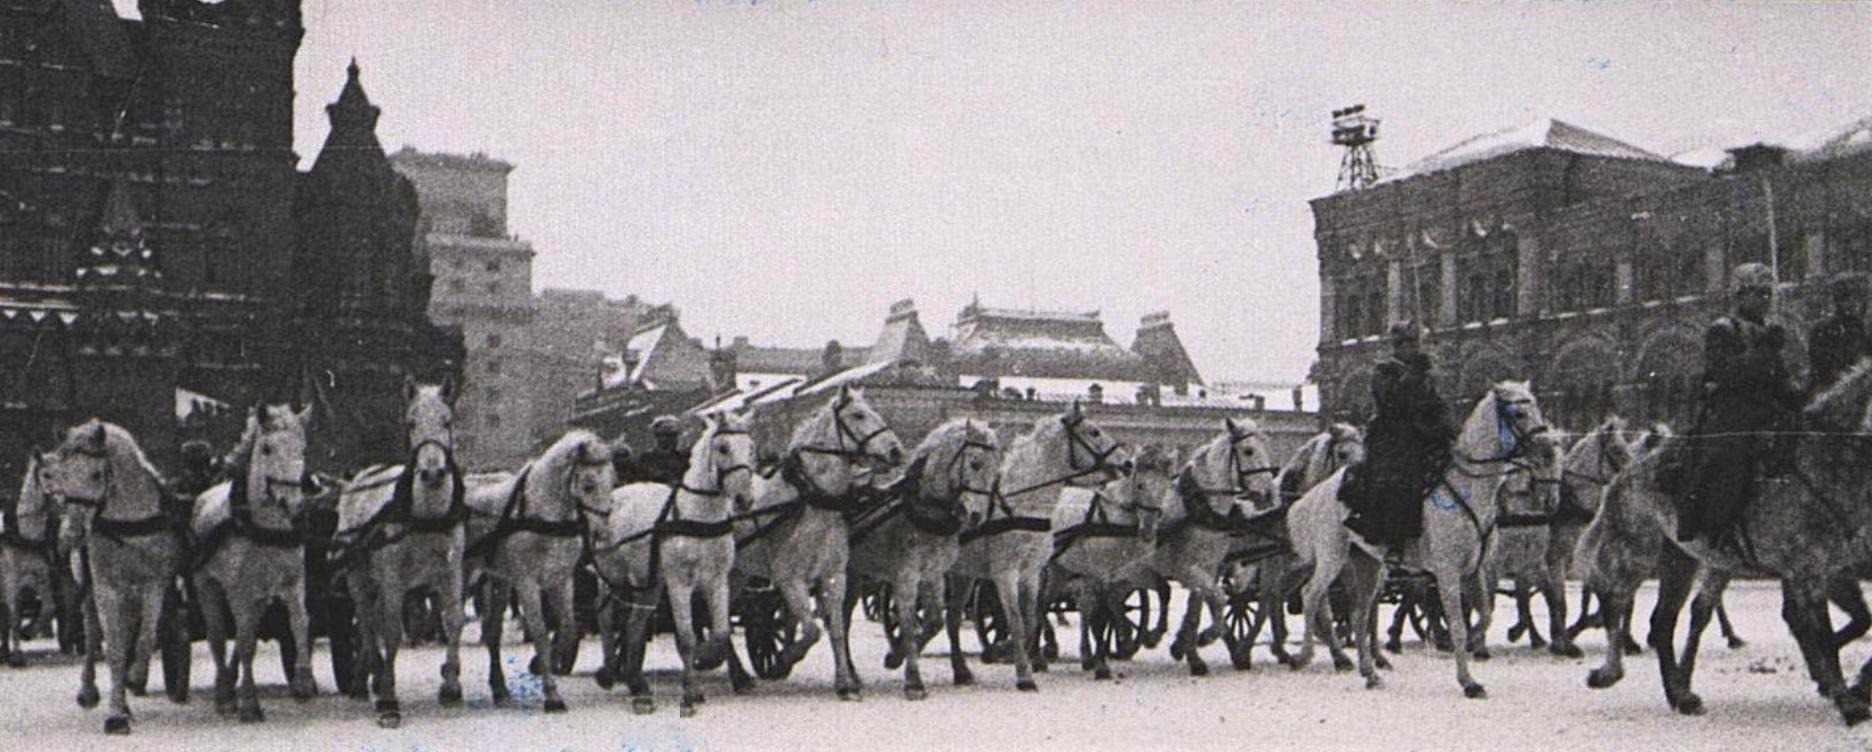 Парад на Красной площади 7 ноября 1941 г. Фотограф Устинов А.В.